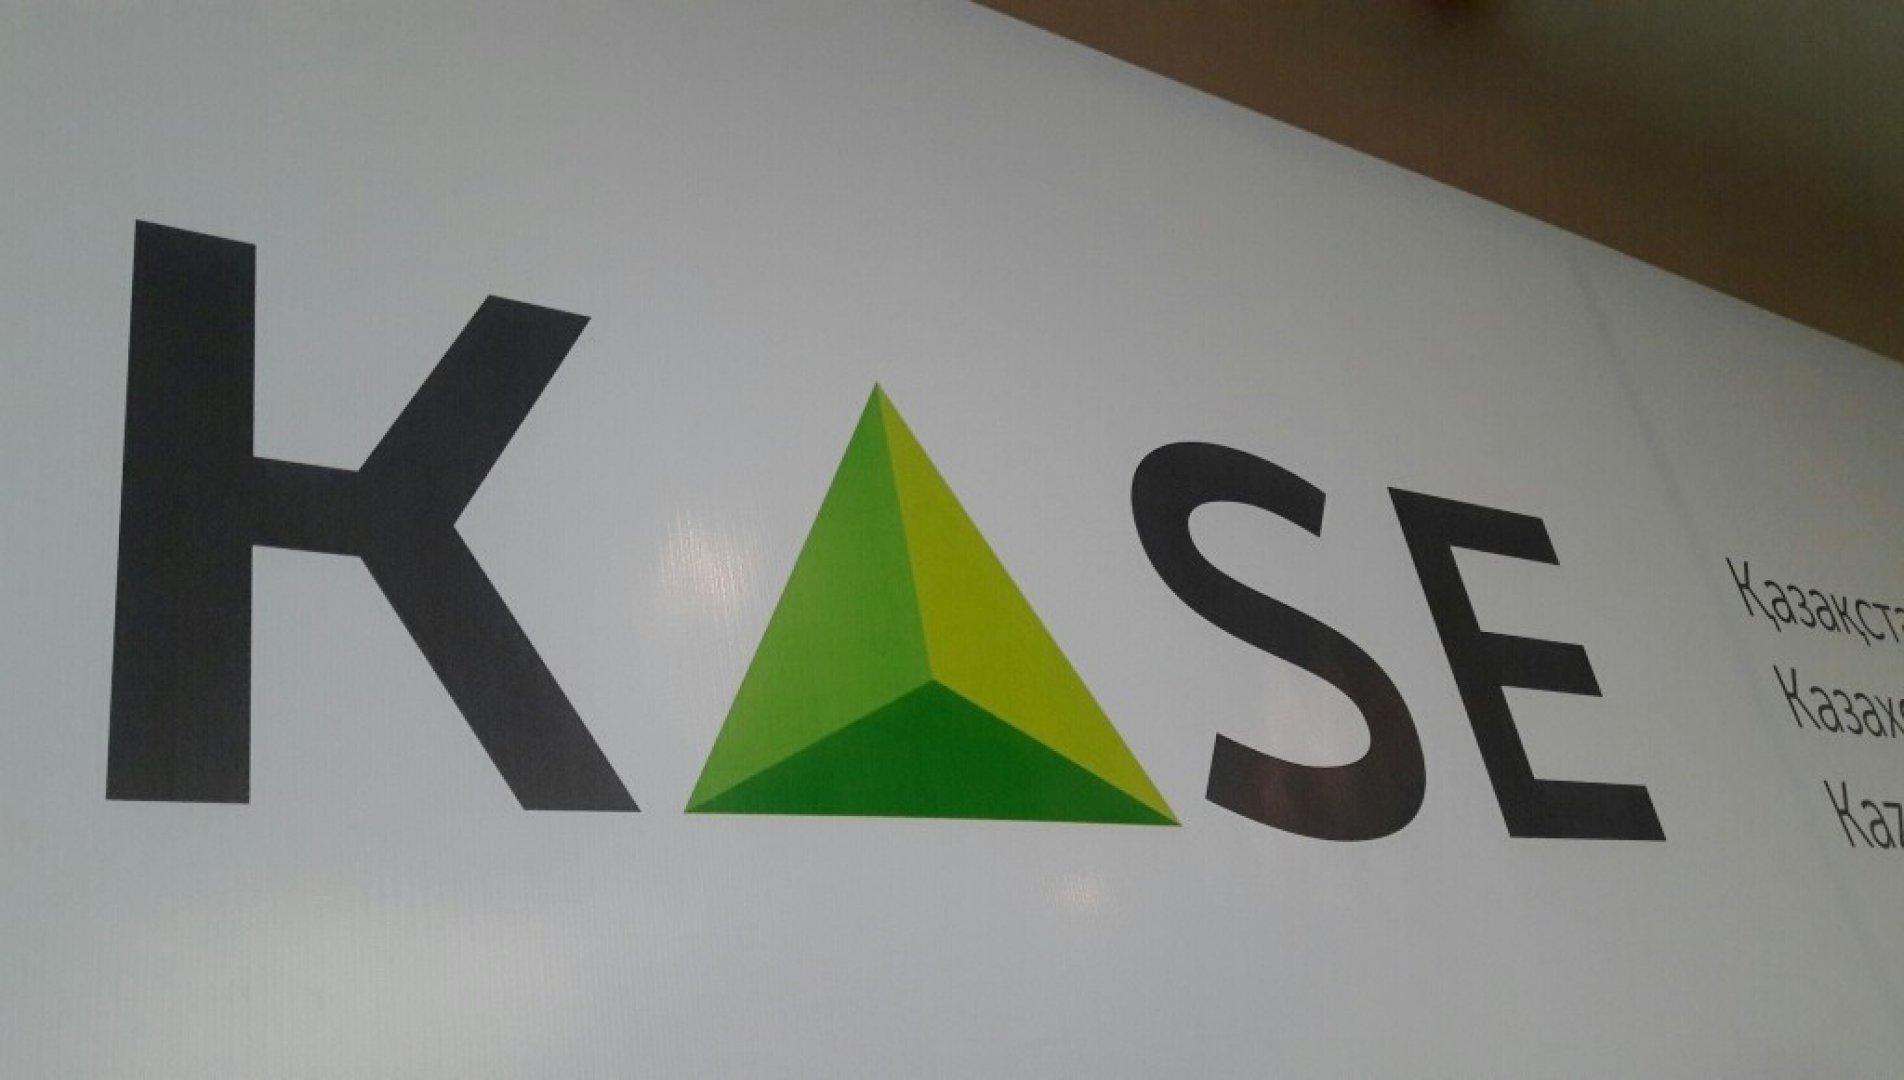 Московская биржа планирует приобрести до 20% KASE